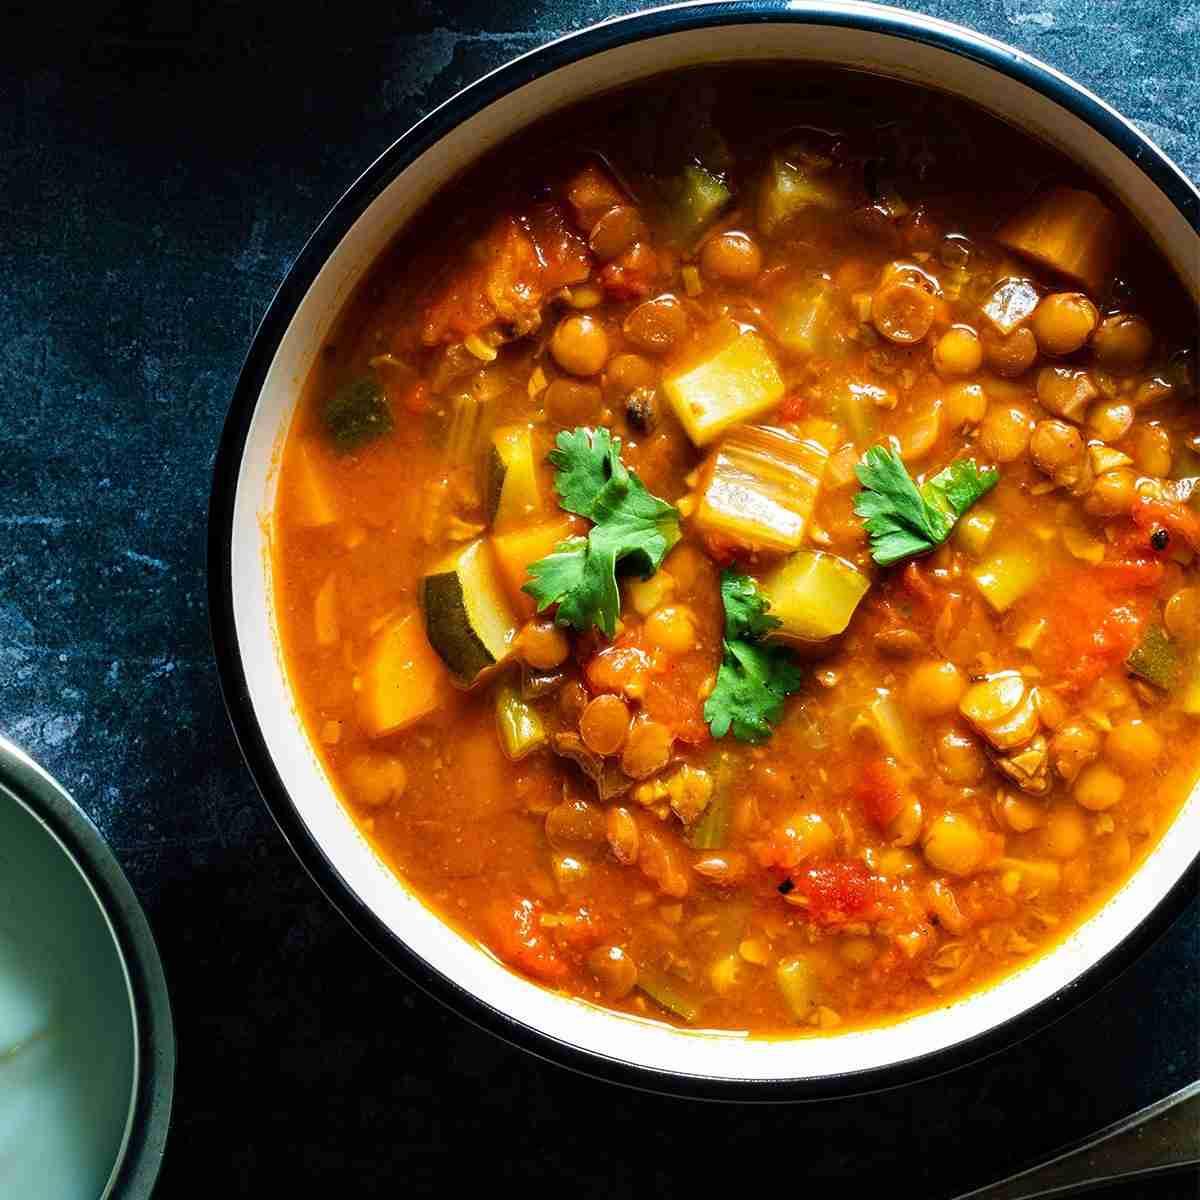 Moroccan Mushroom & Lentil Soup